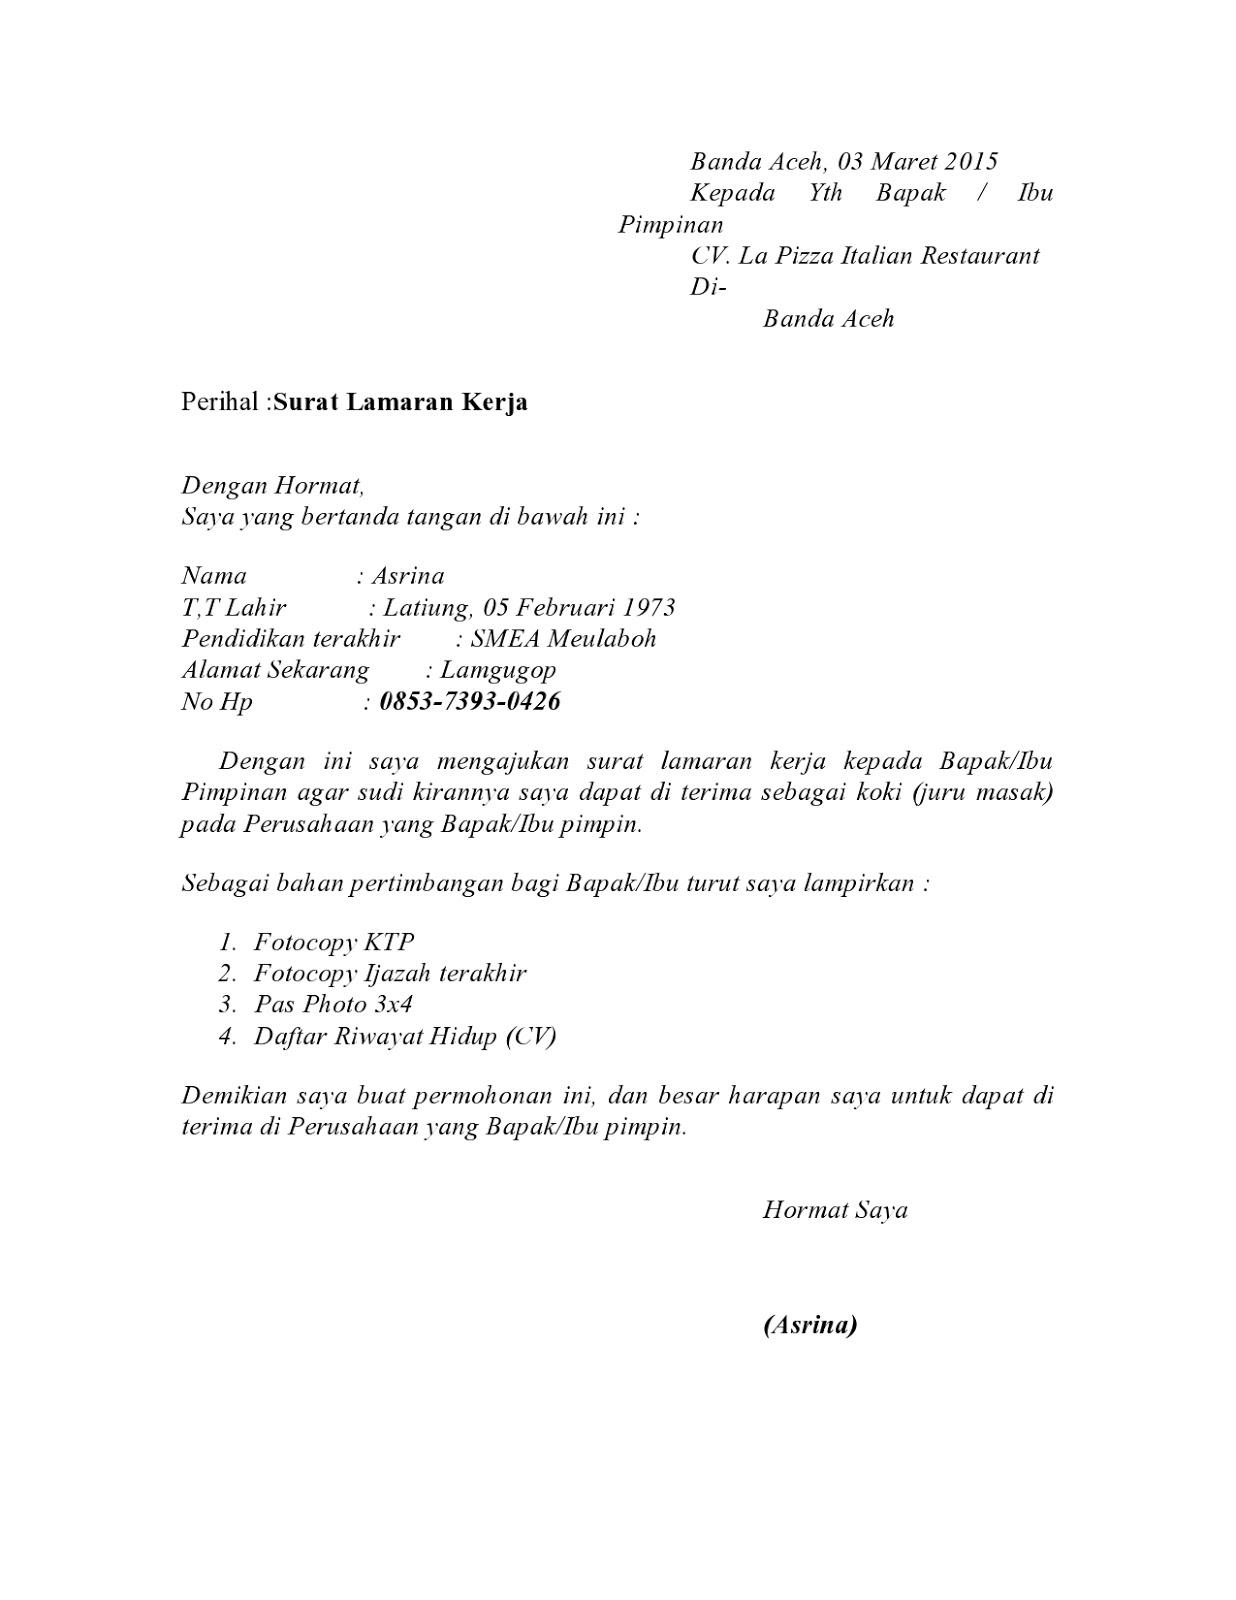 Contoh Surat Lamaran Kerja Dan Cv On Flipboard By Bonita Benz